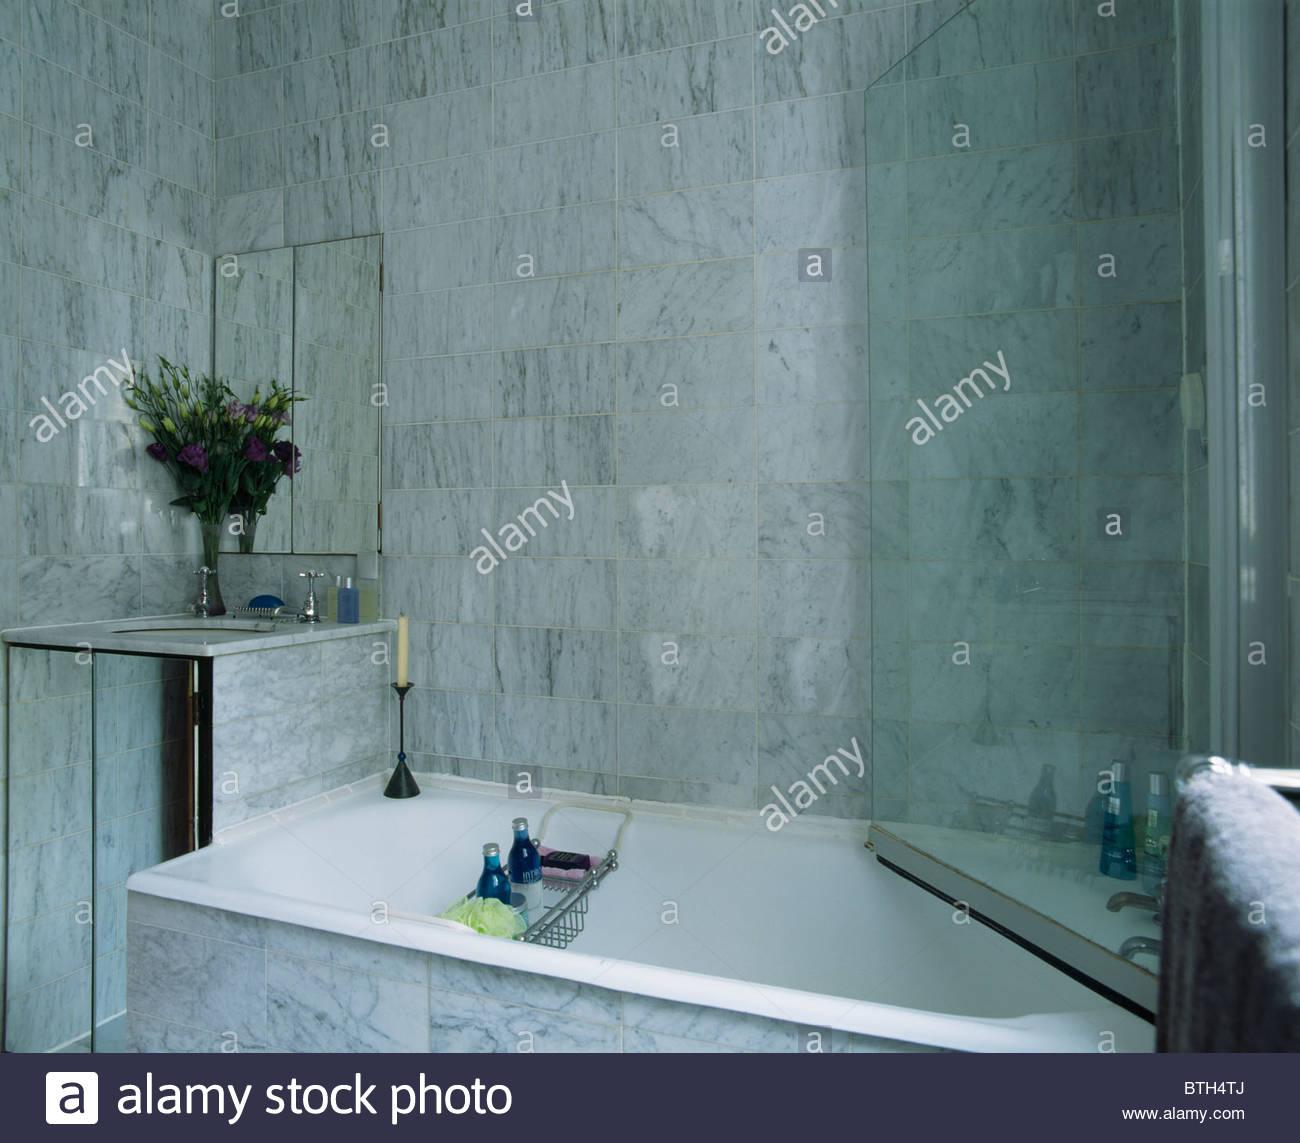 Full Size of Glastür Dusche Glastr Ber Badewanne Im Modernen Marmor Geflieste 90x90 Einhebelmischer Bodengleiche Nachträglich Einbauen Grohe Thermostat Hüppe Duschen Dusche Glastür Dusche